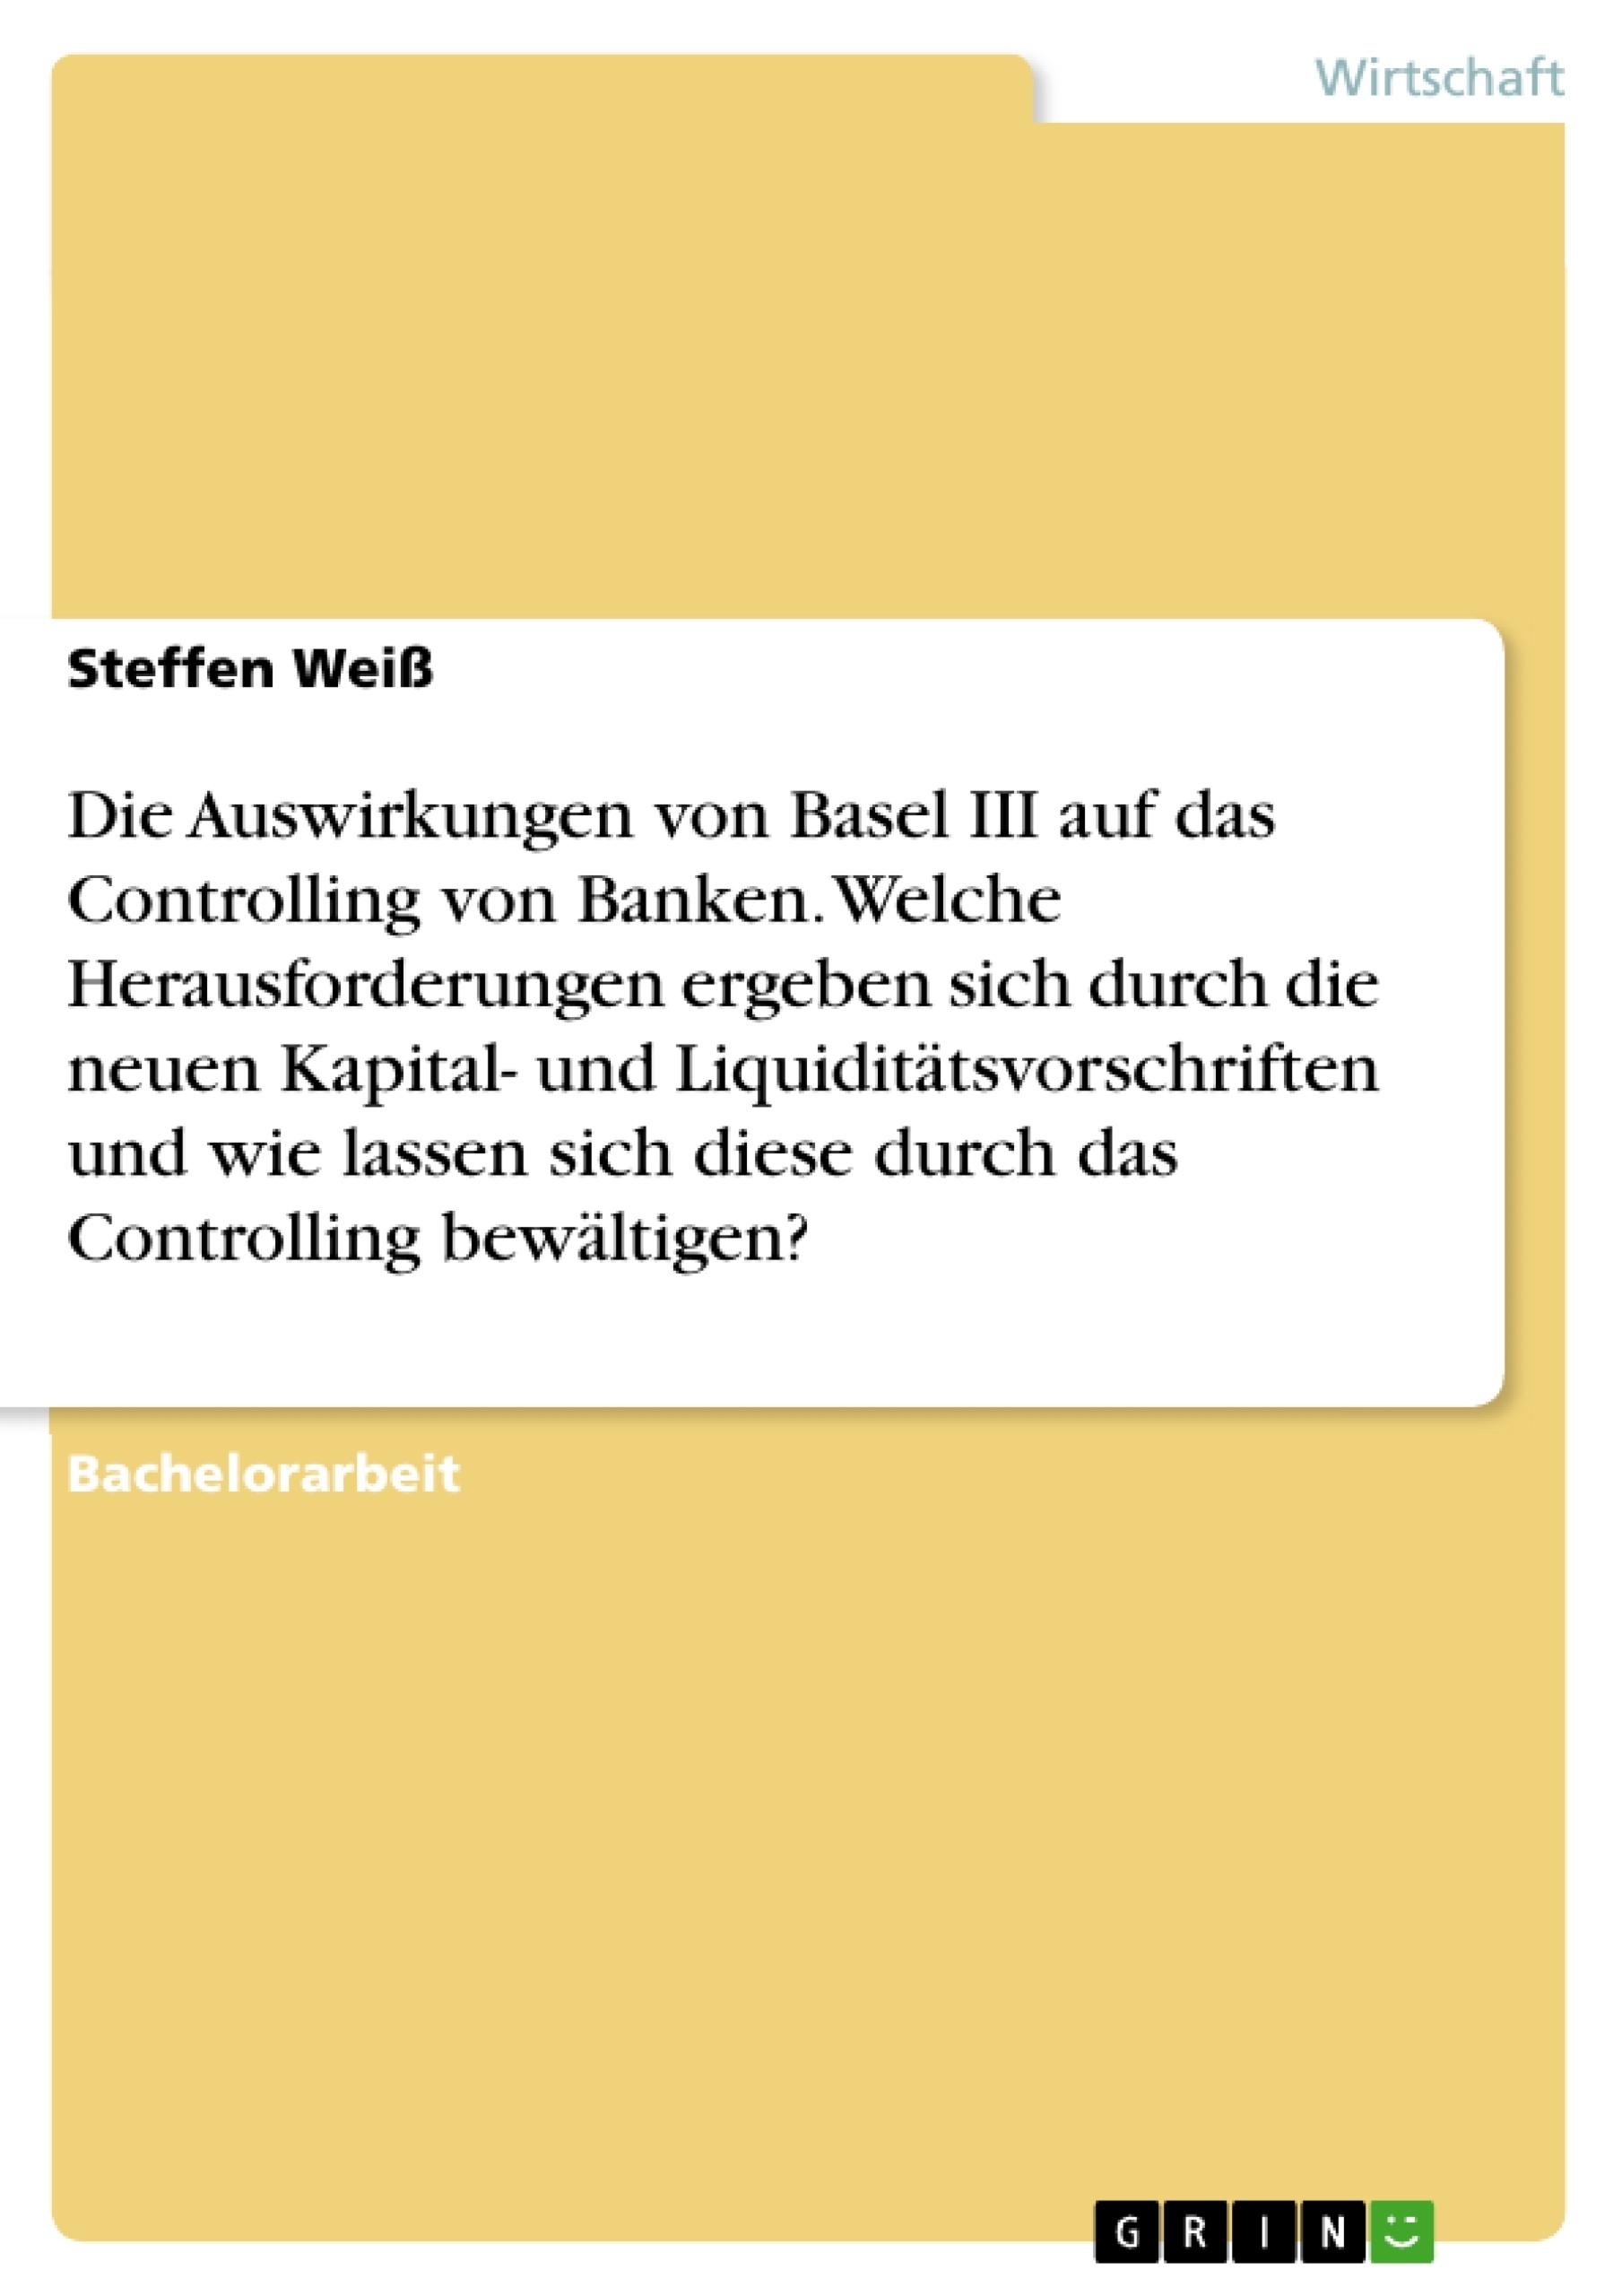 Titel: Die Auswirkungen von Basel III auf das Controlling von Banken. Welche Herausforderungen ergeben sich durch die neuen Kapital- und Liquiditätsvorschriften und wie lassen sich diese durch das Controlling bewältigen?